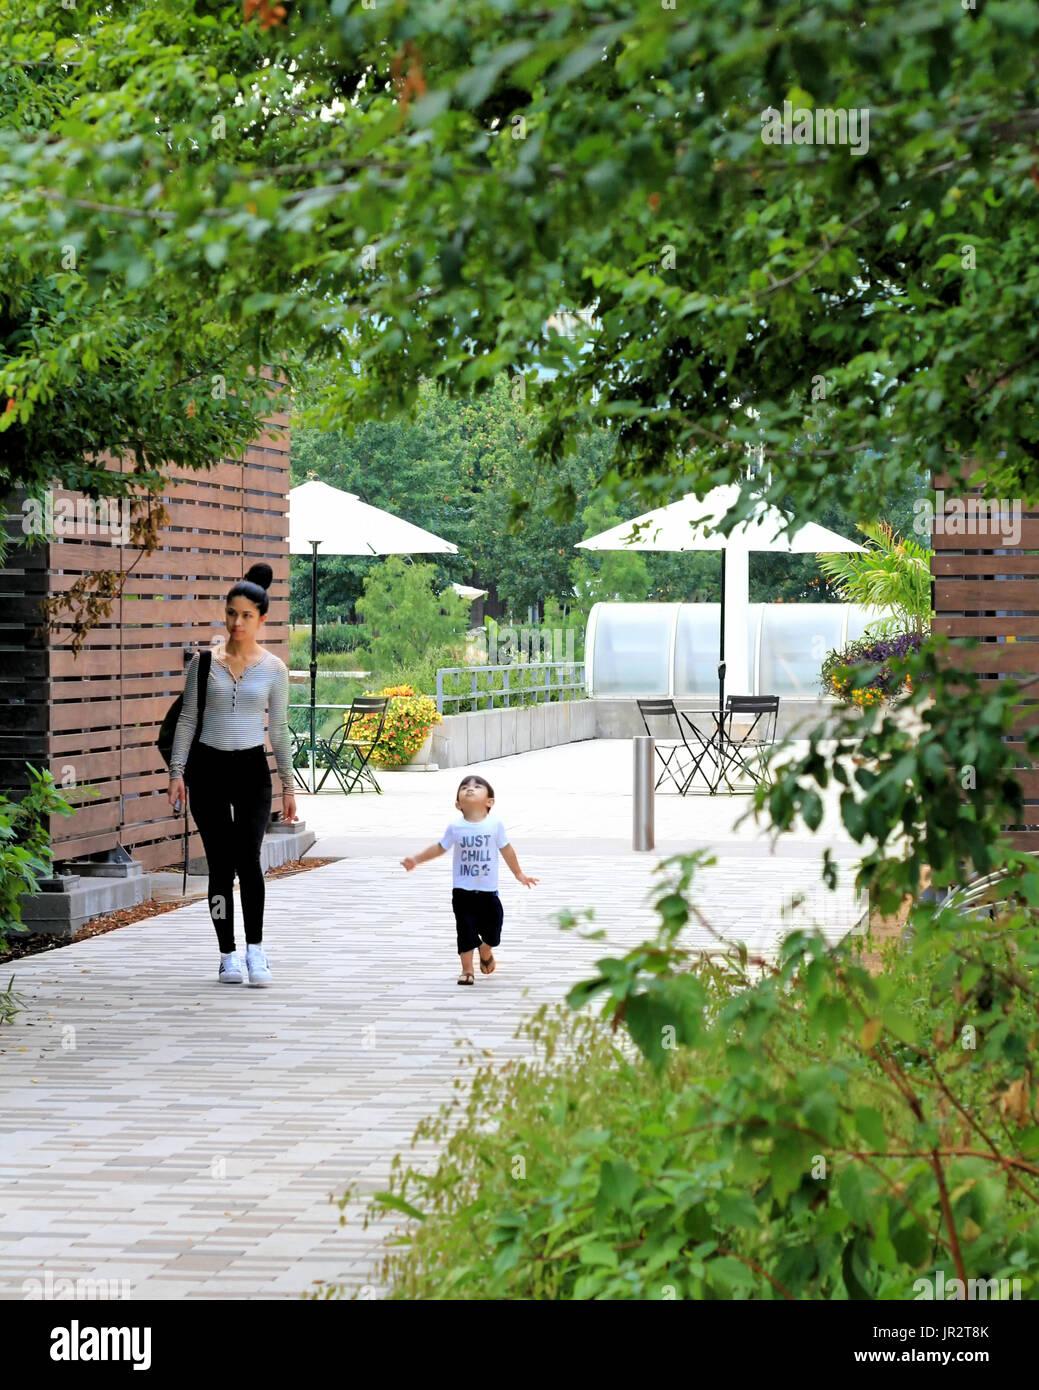 Una mujer joven y un niño chico camina sobre la acera cerca de un café de jardín. Imagen De Stock